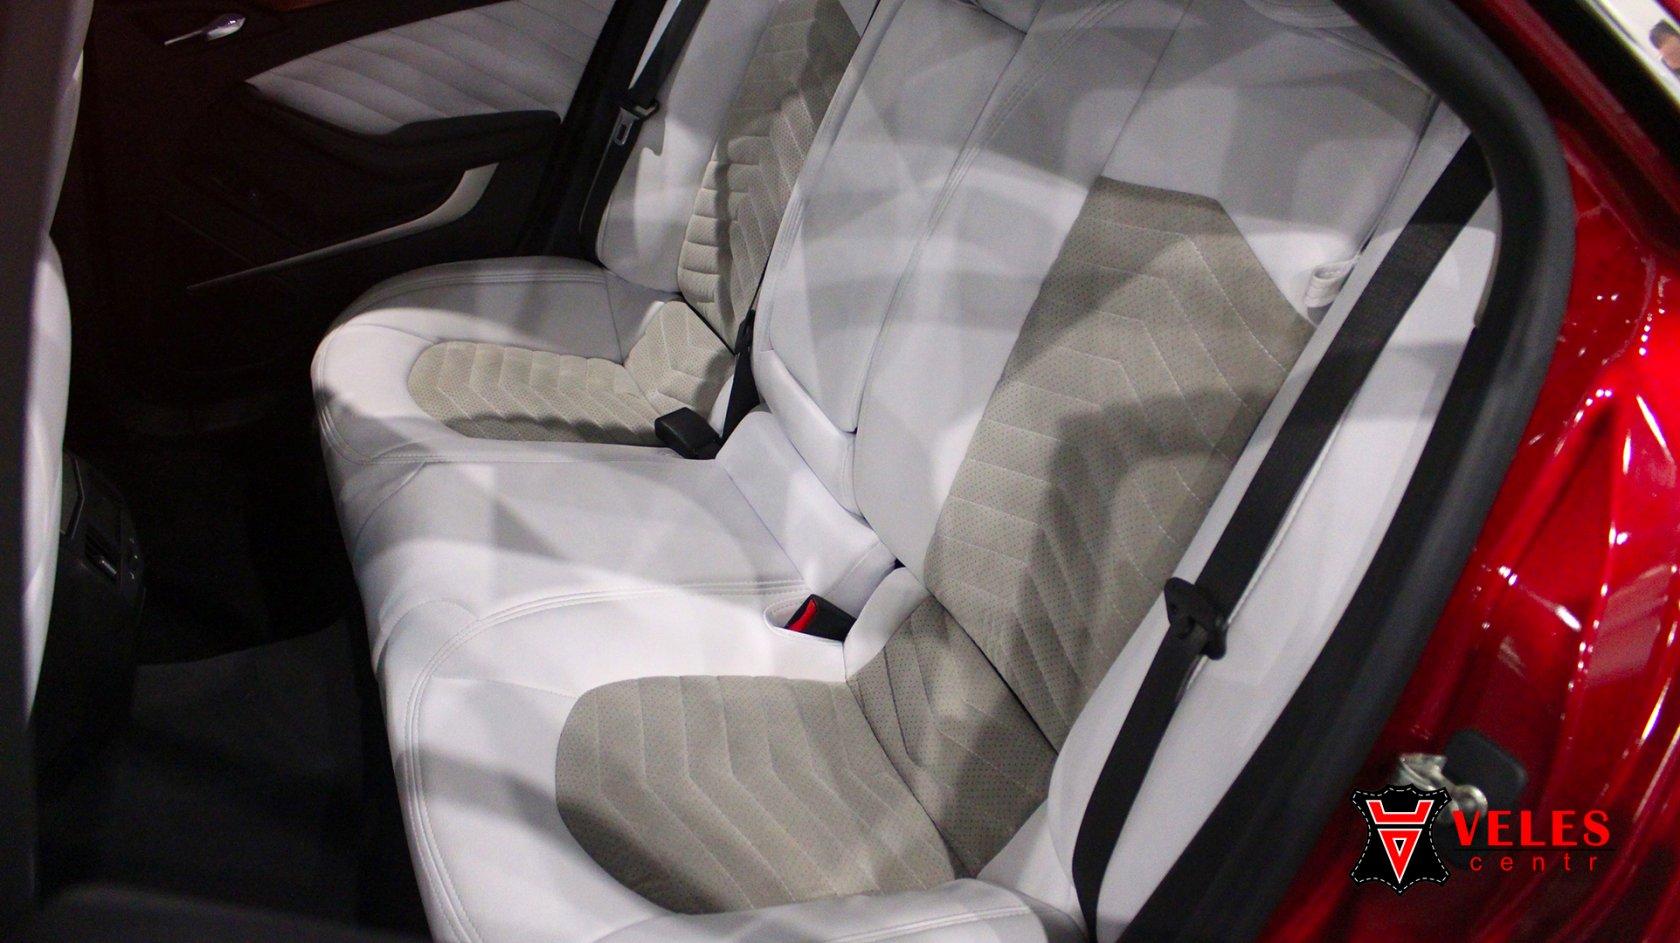 Перешив сидений в белоснежную искусственную кожу Cadillac в Москве